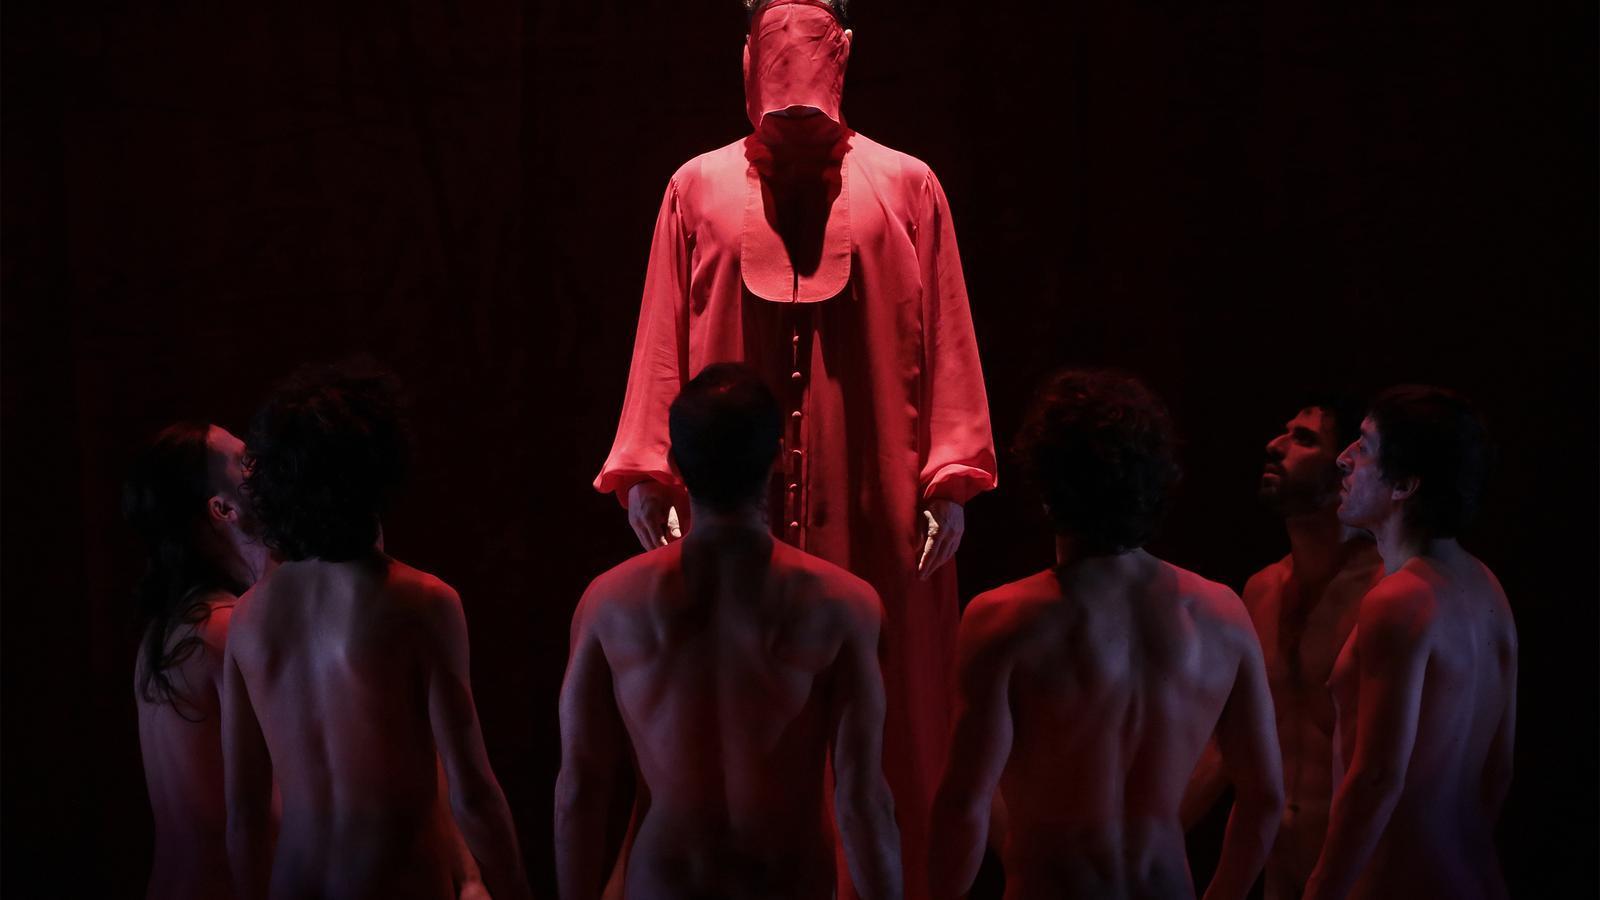 Una imatge de l'obra 'The scarlet letter' d'Angélica Lidell.